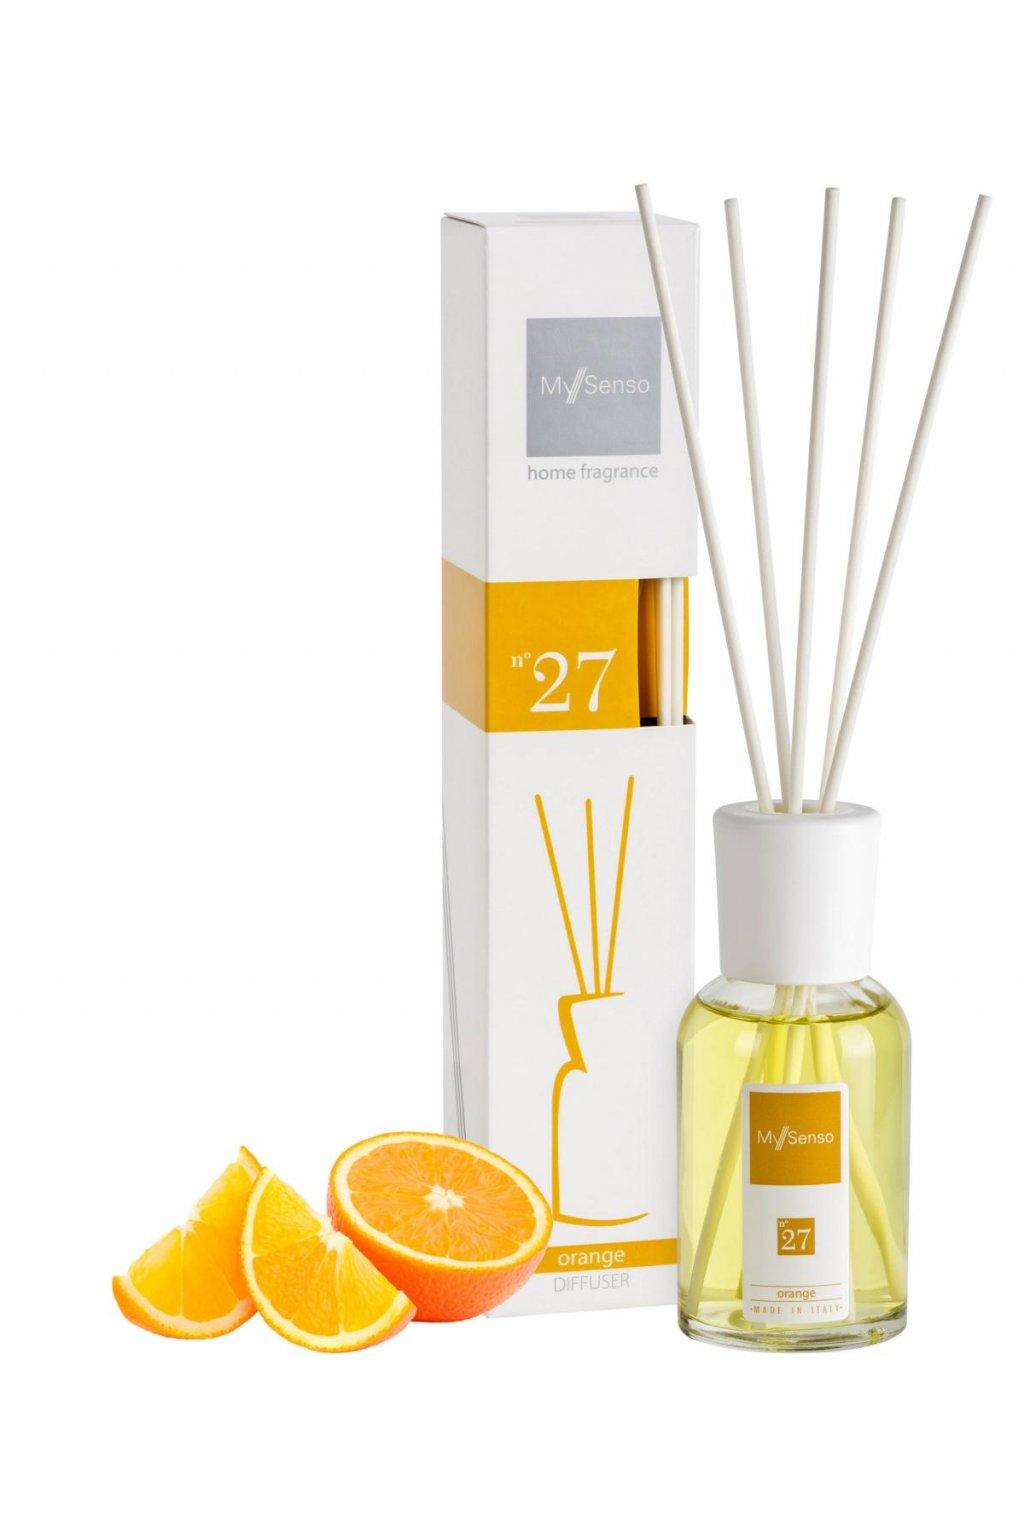 102 my senso aromaticky difuzer midi 100ml n 27 orange pomeranc